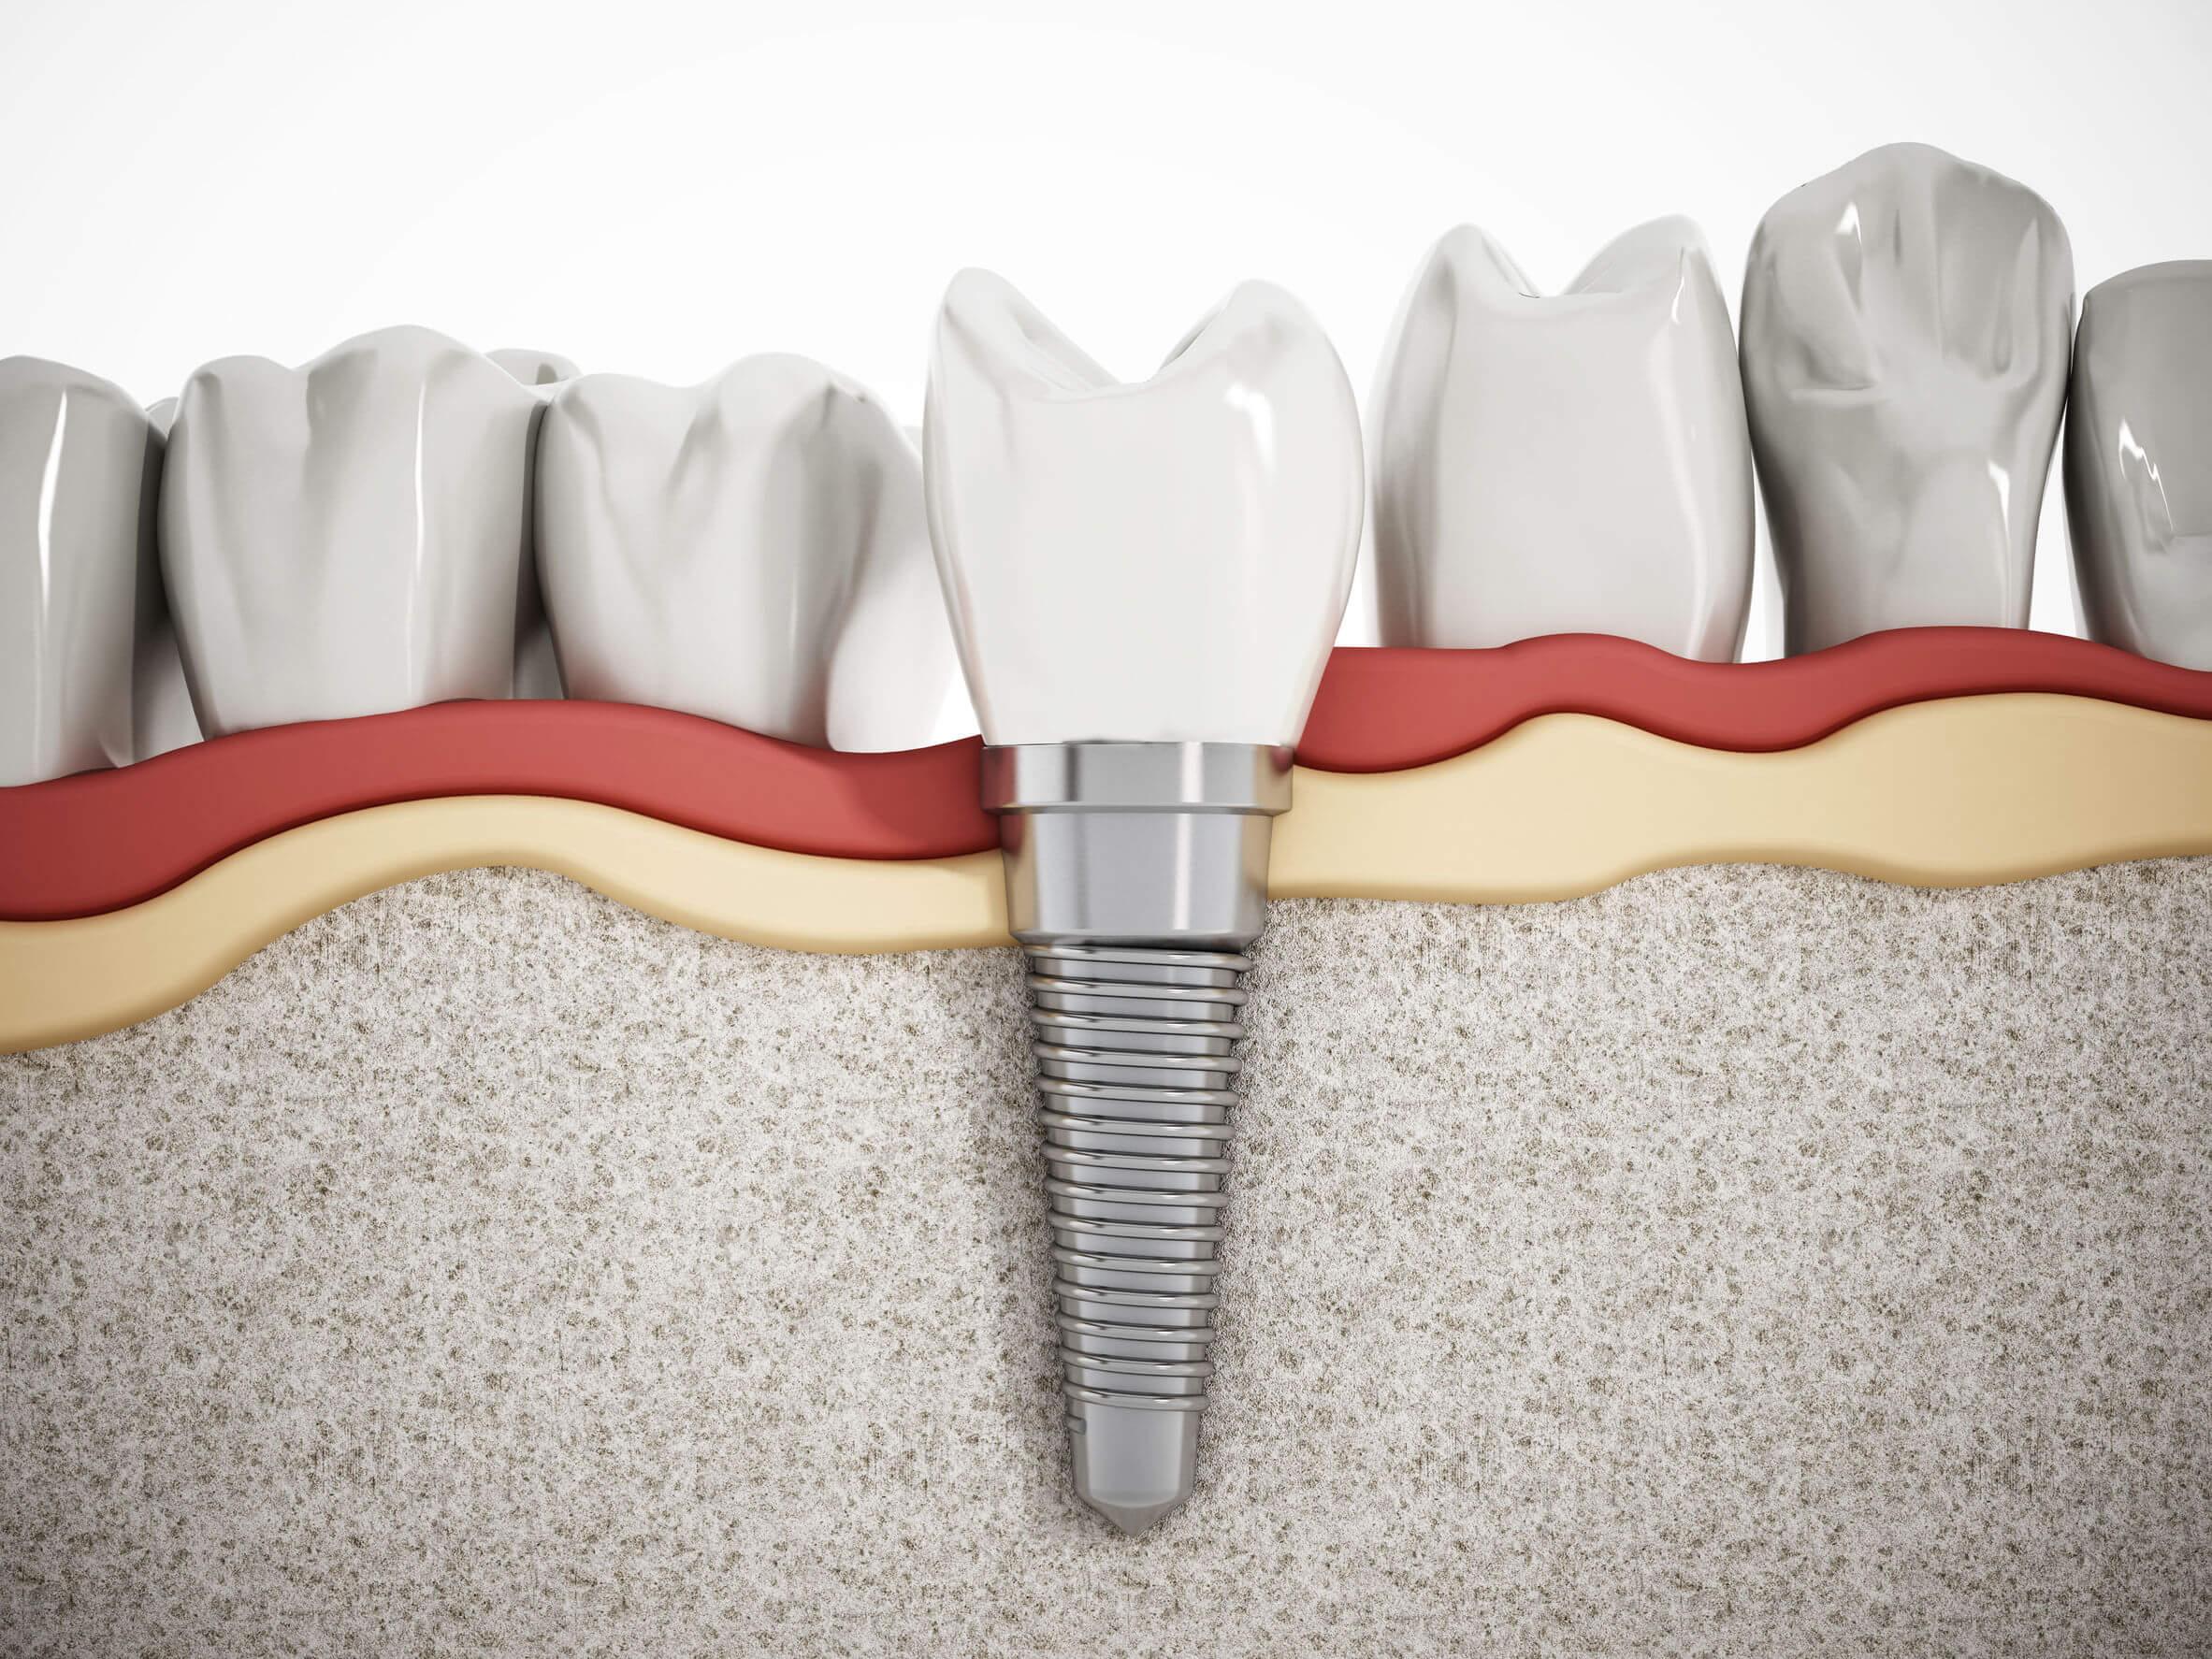 implantes dentales dibujo